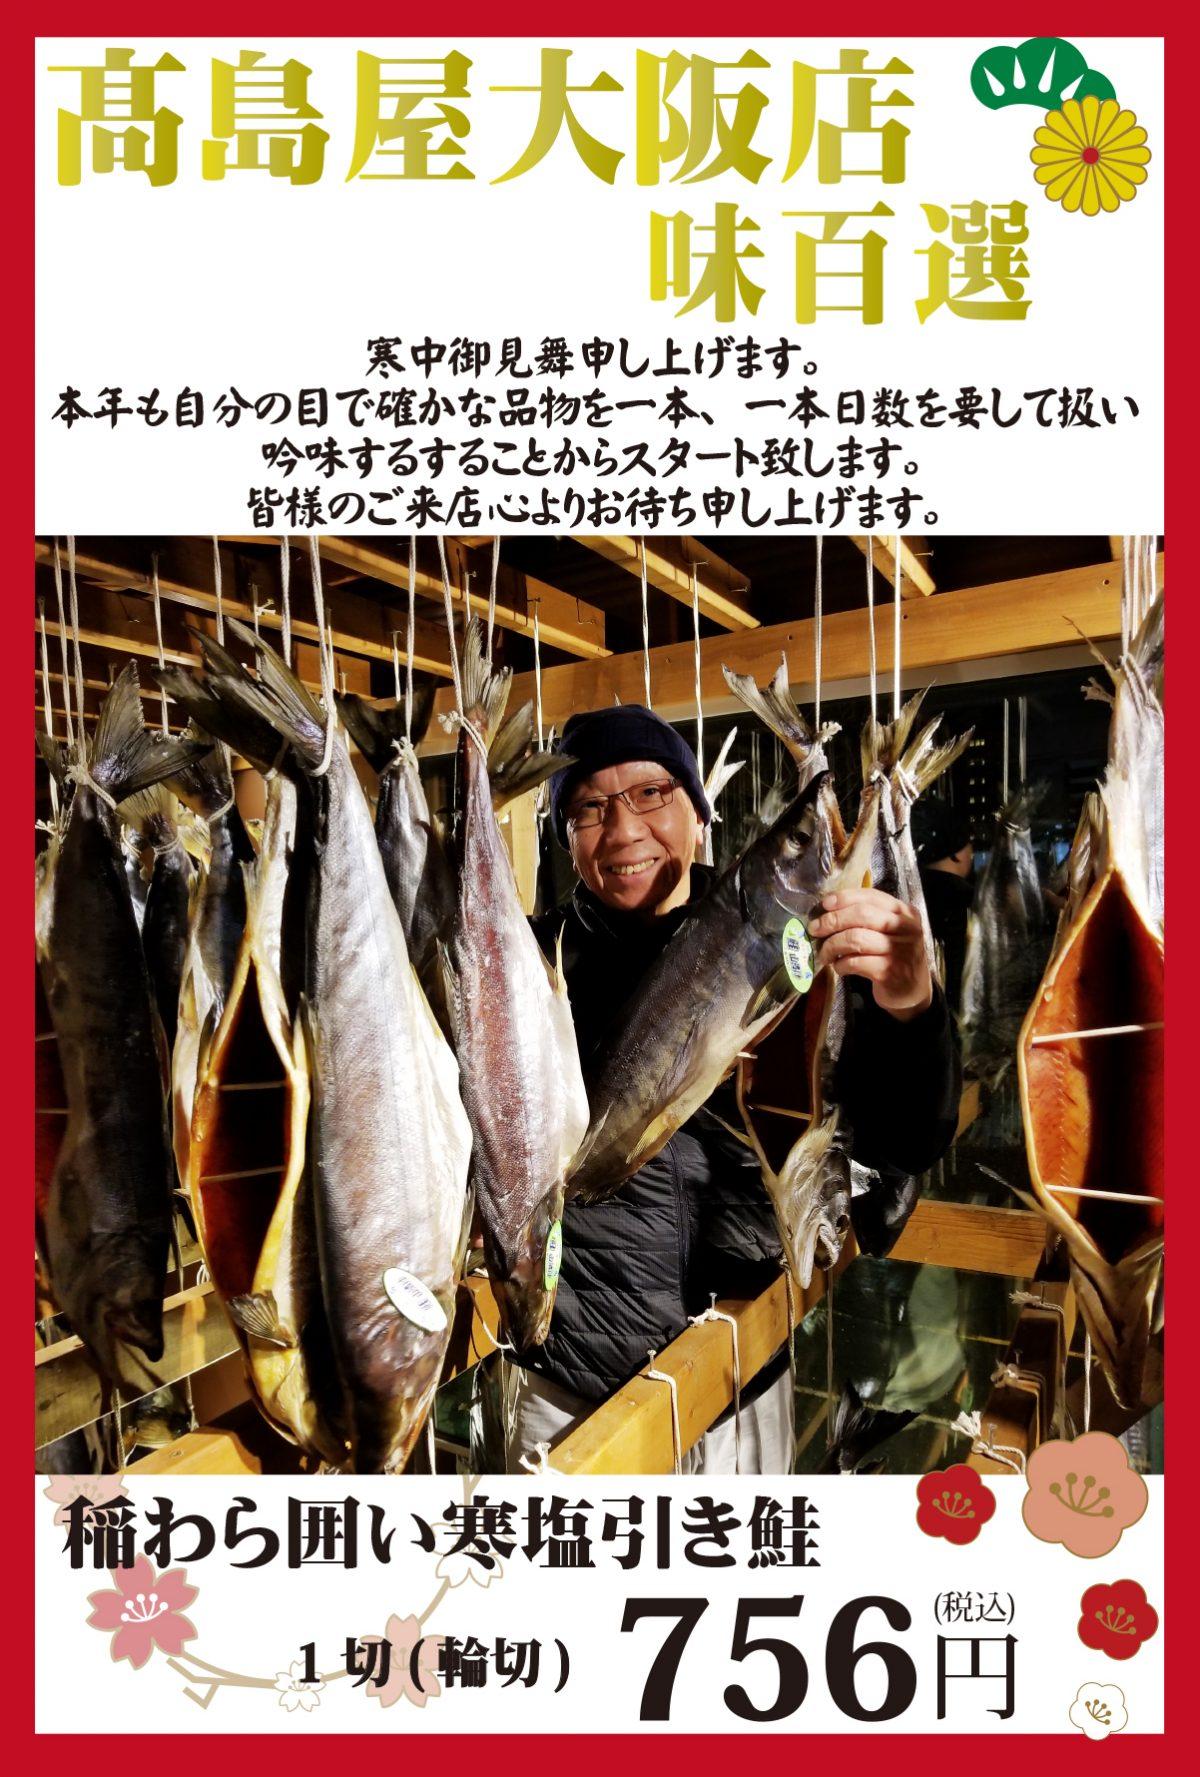 1月16日より髙島屋大阪店様にて出店致します。